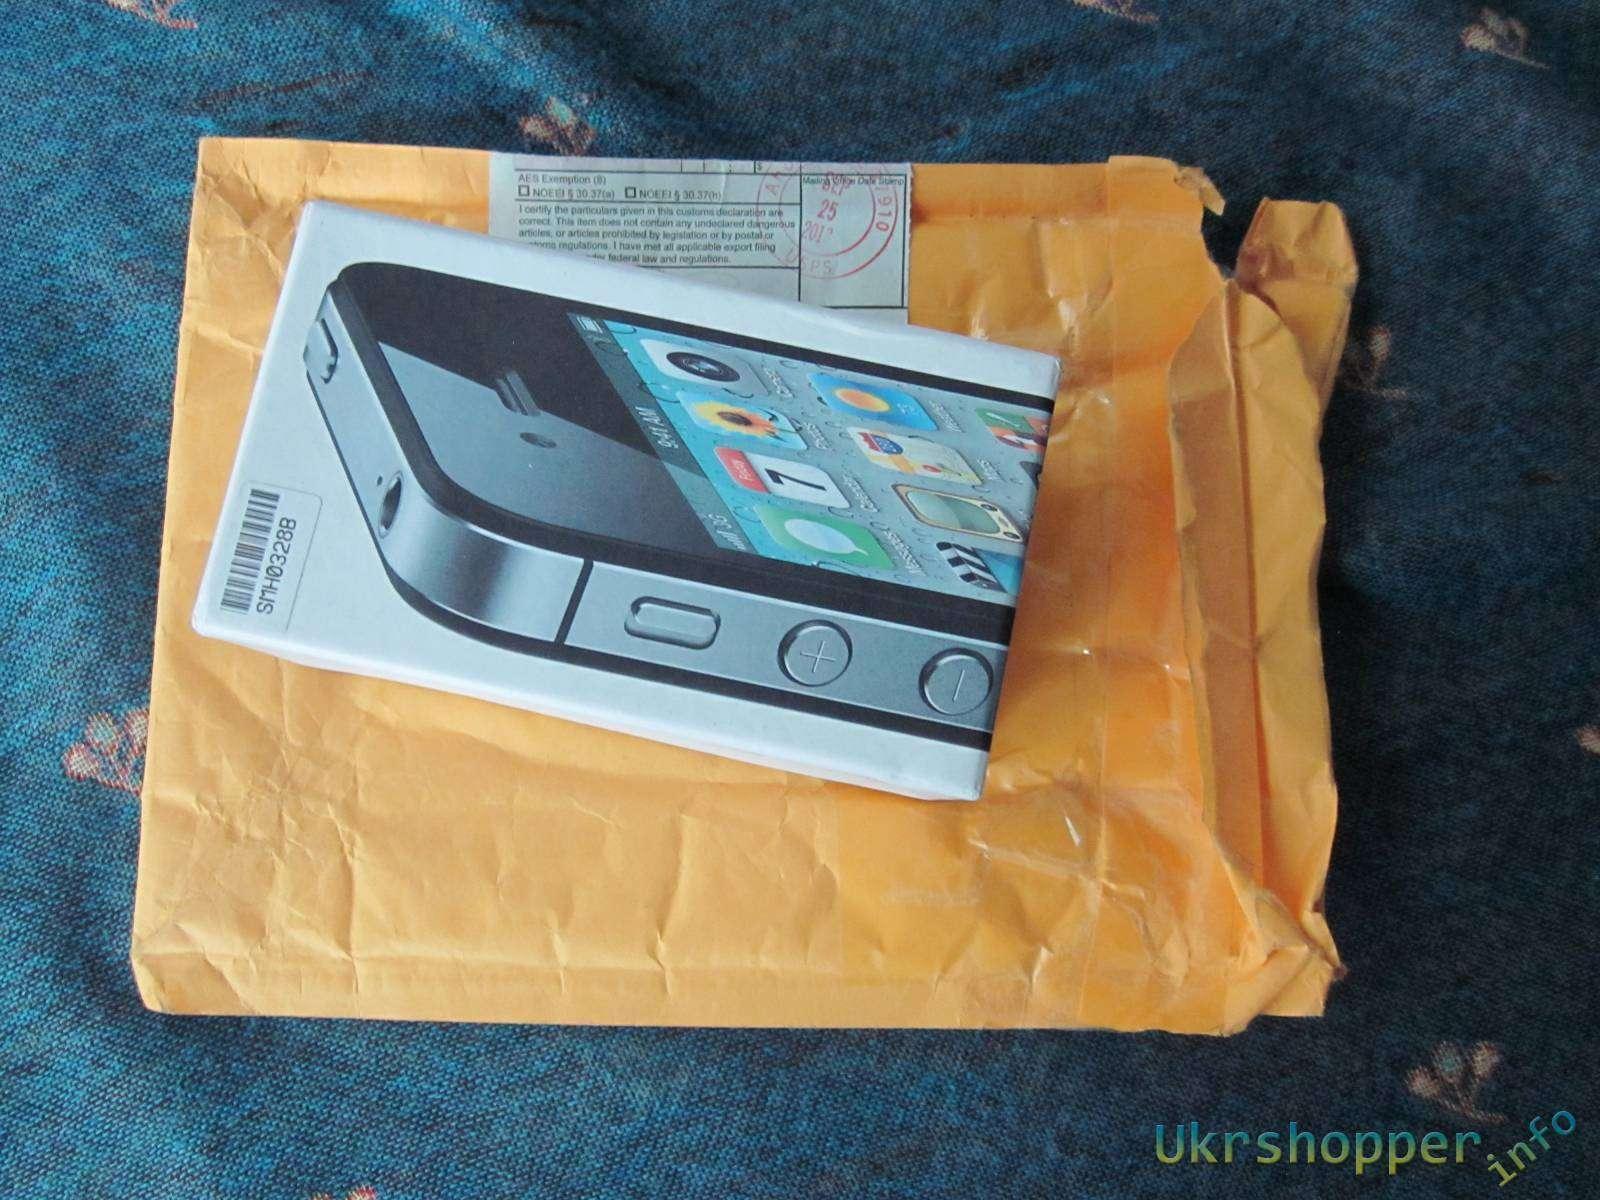 Другие: Дешевый телефон звонилка с закосом под Iphone 3.2 inch тачскрин